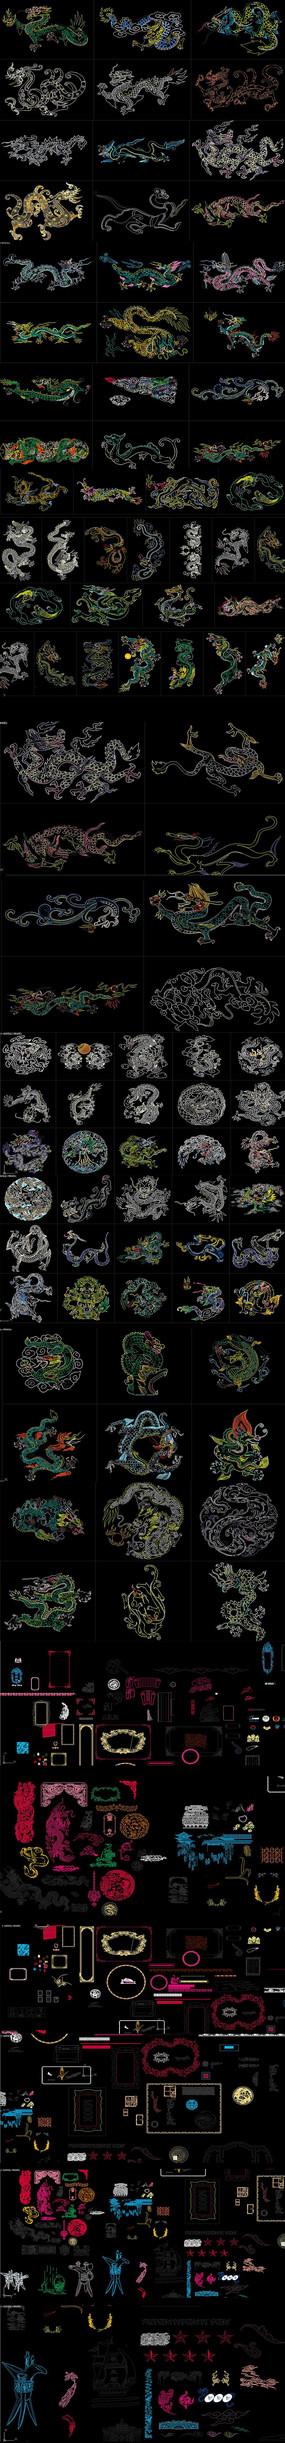 龙纹 花纹中式图案CAD图库